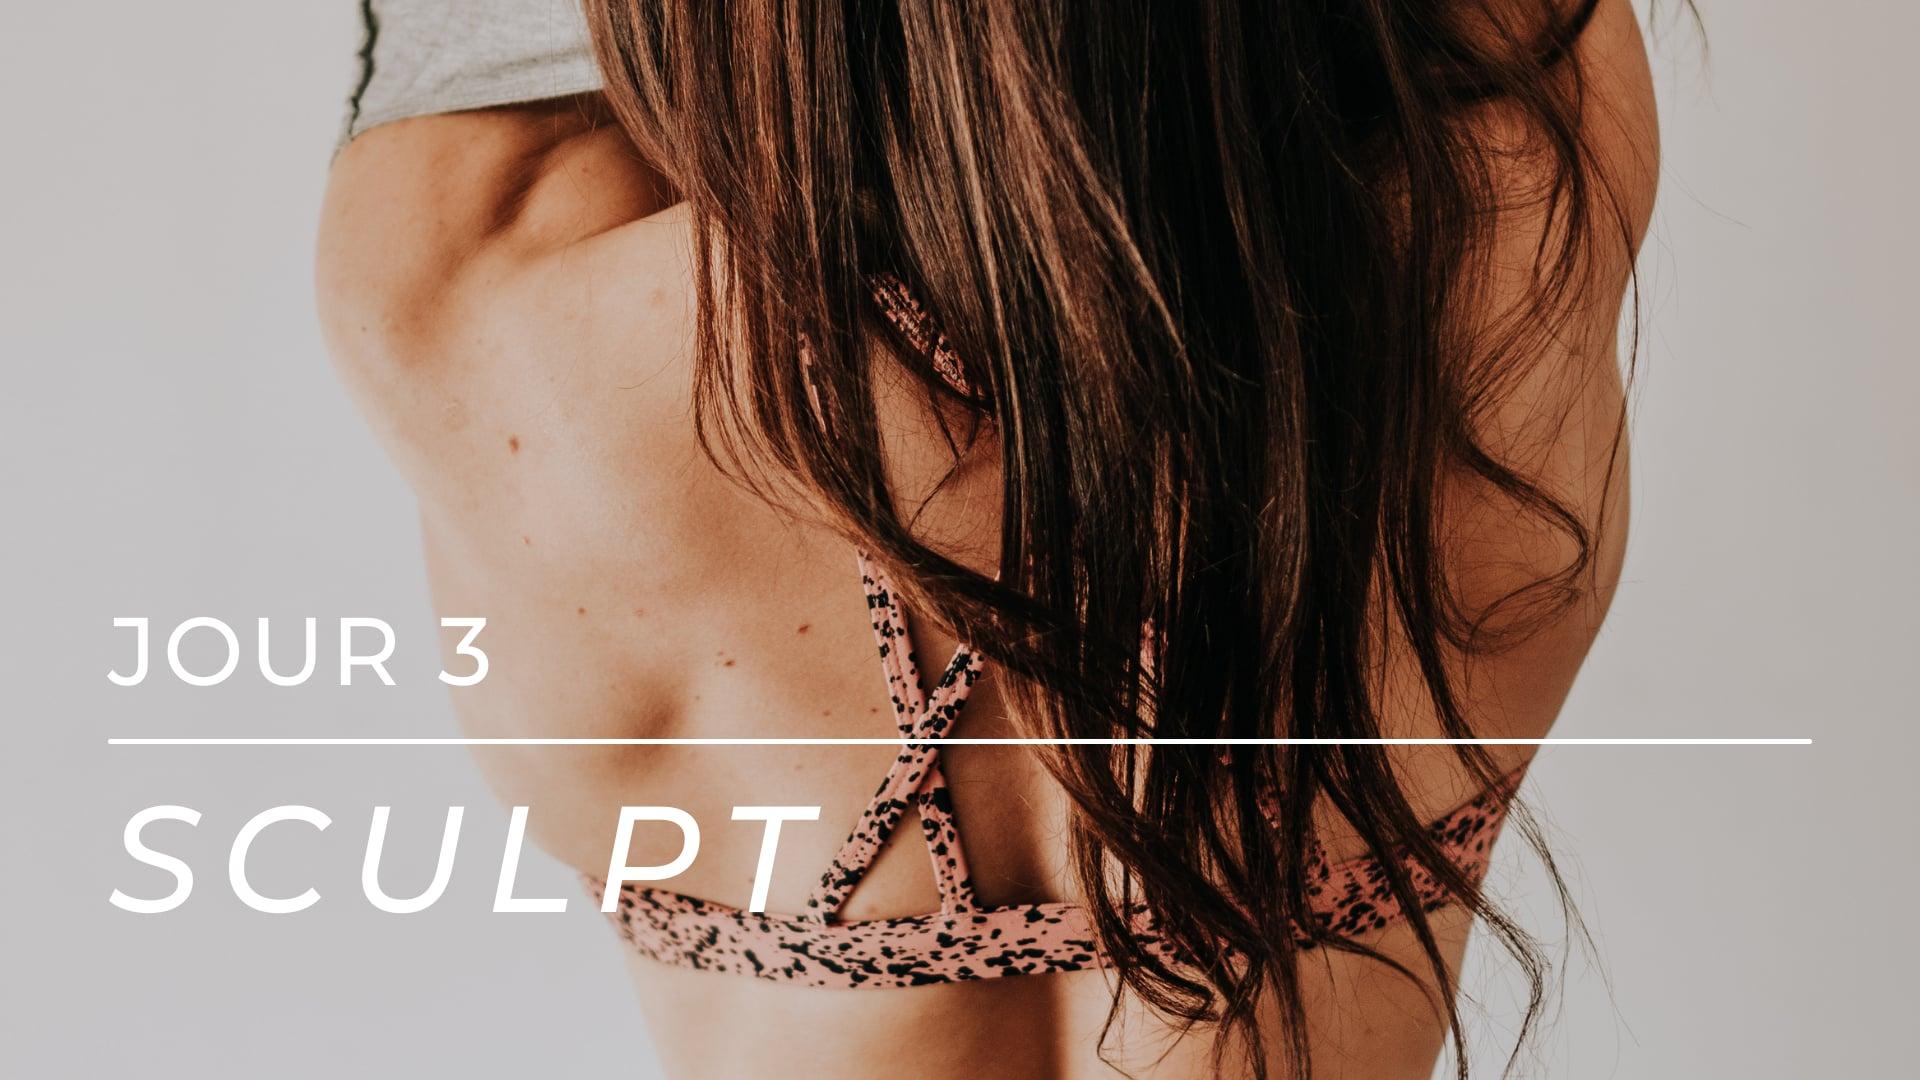 SCULPT - Jour 3